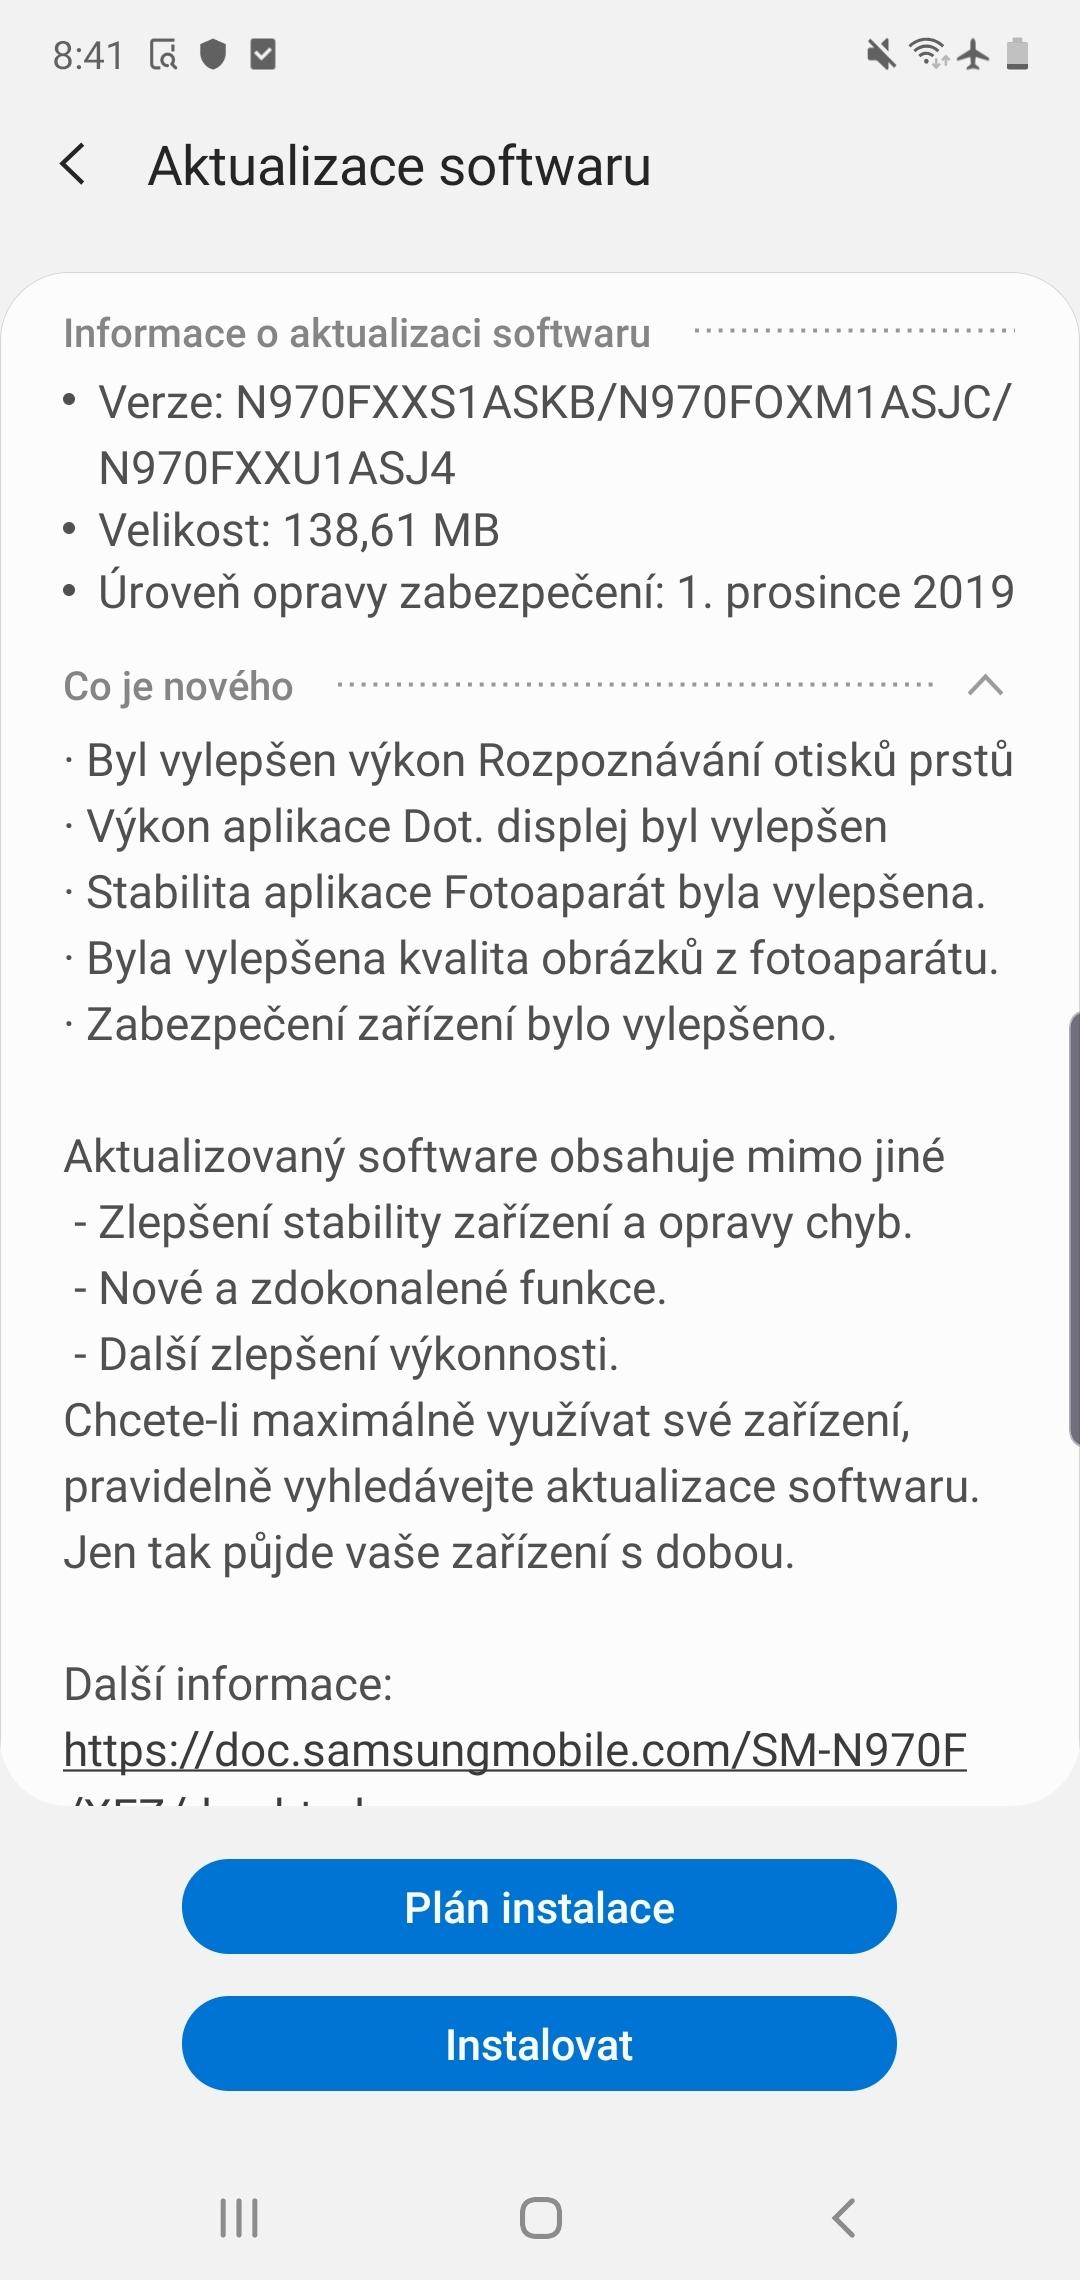 Samsung Galaxy Note10 prosincové bezpečnostní záplaty